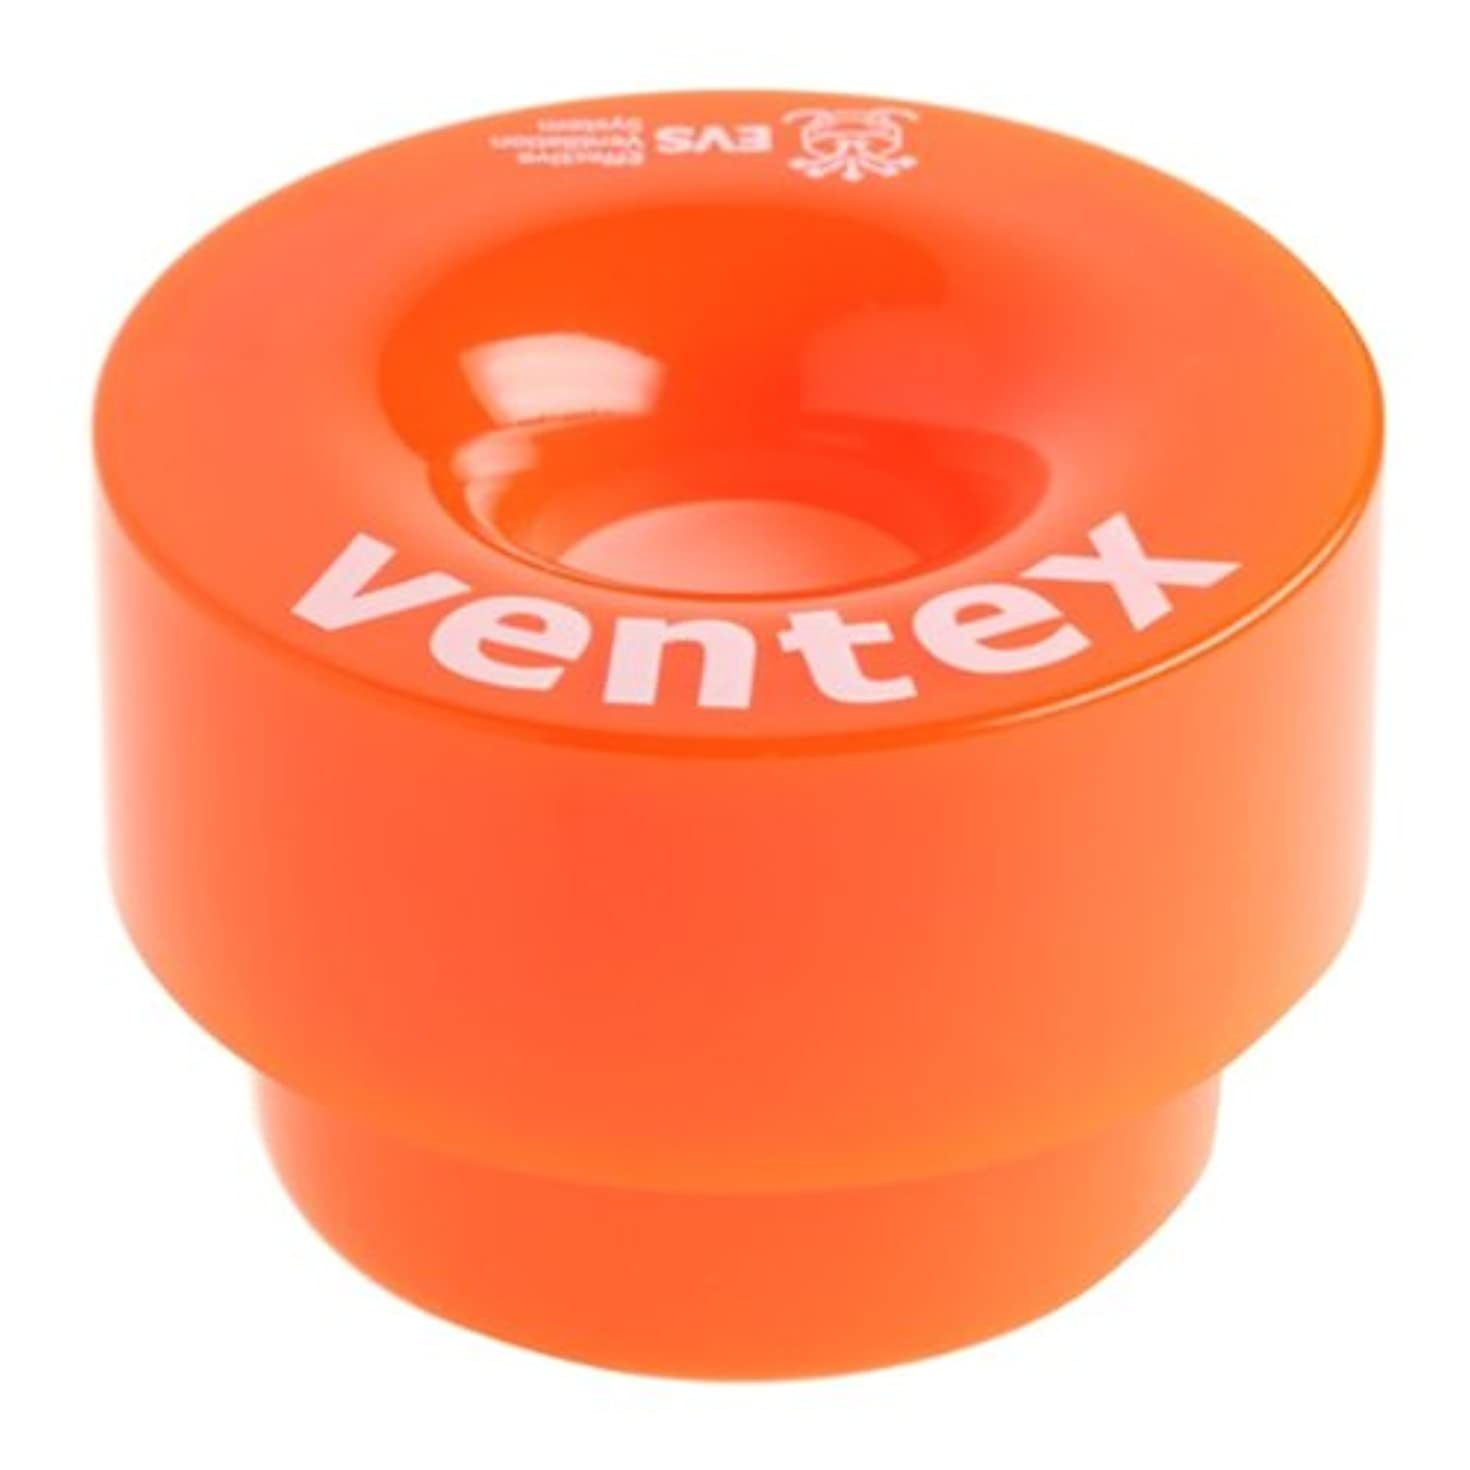 約兵士めるventex(ベンテックス) ゲルエアフレッシュナー レーシングオレンジー 60g (芳香剤)